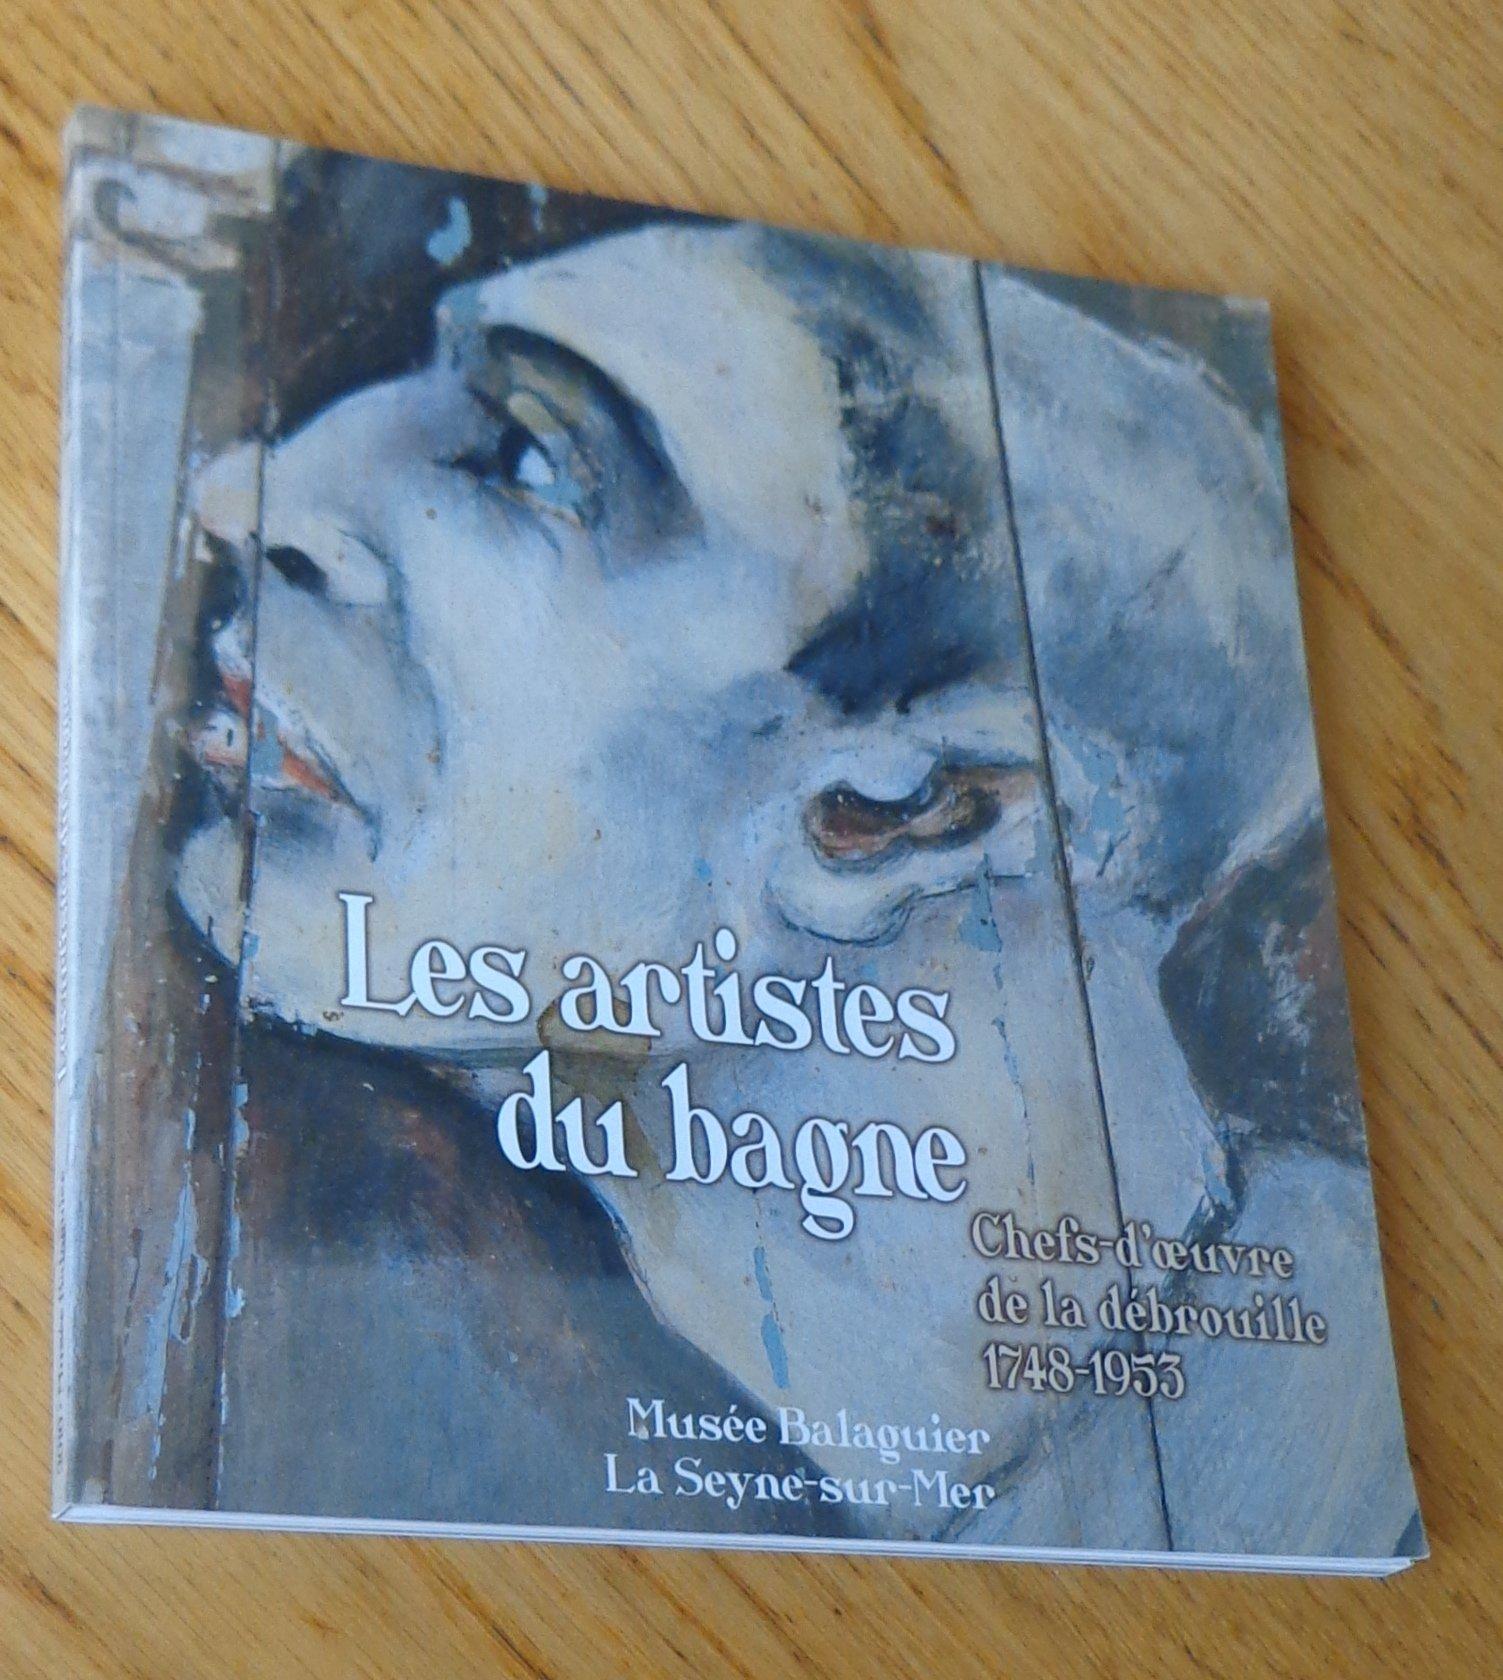 Les artistes du bagne - chefs-d'oeuvre de la débrouille  1748-1953